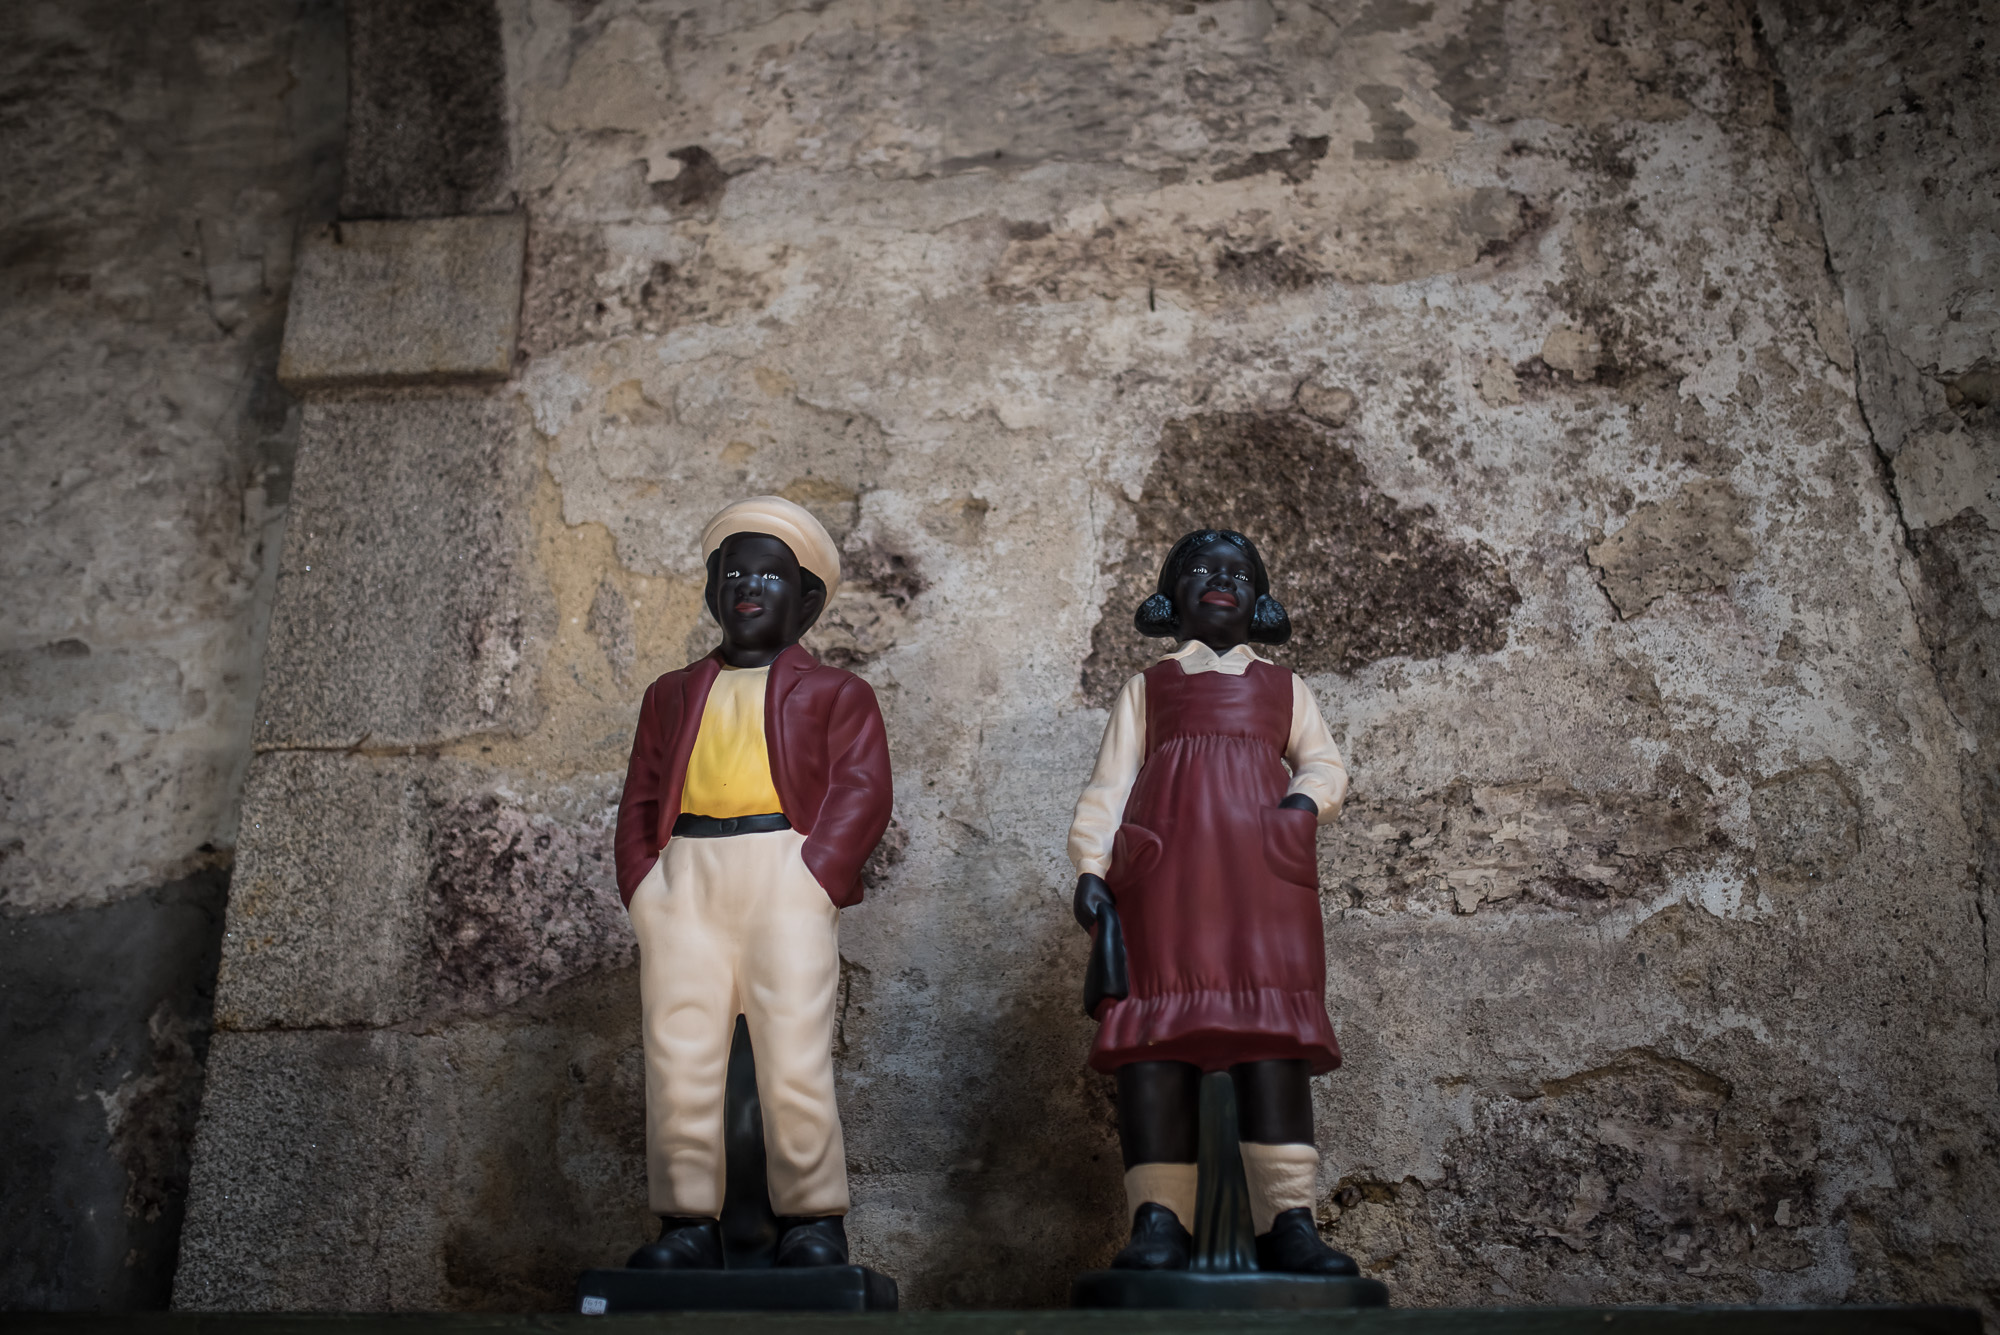 Kicsesbánya Portóban: így néz ki egy európai bolhapiac